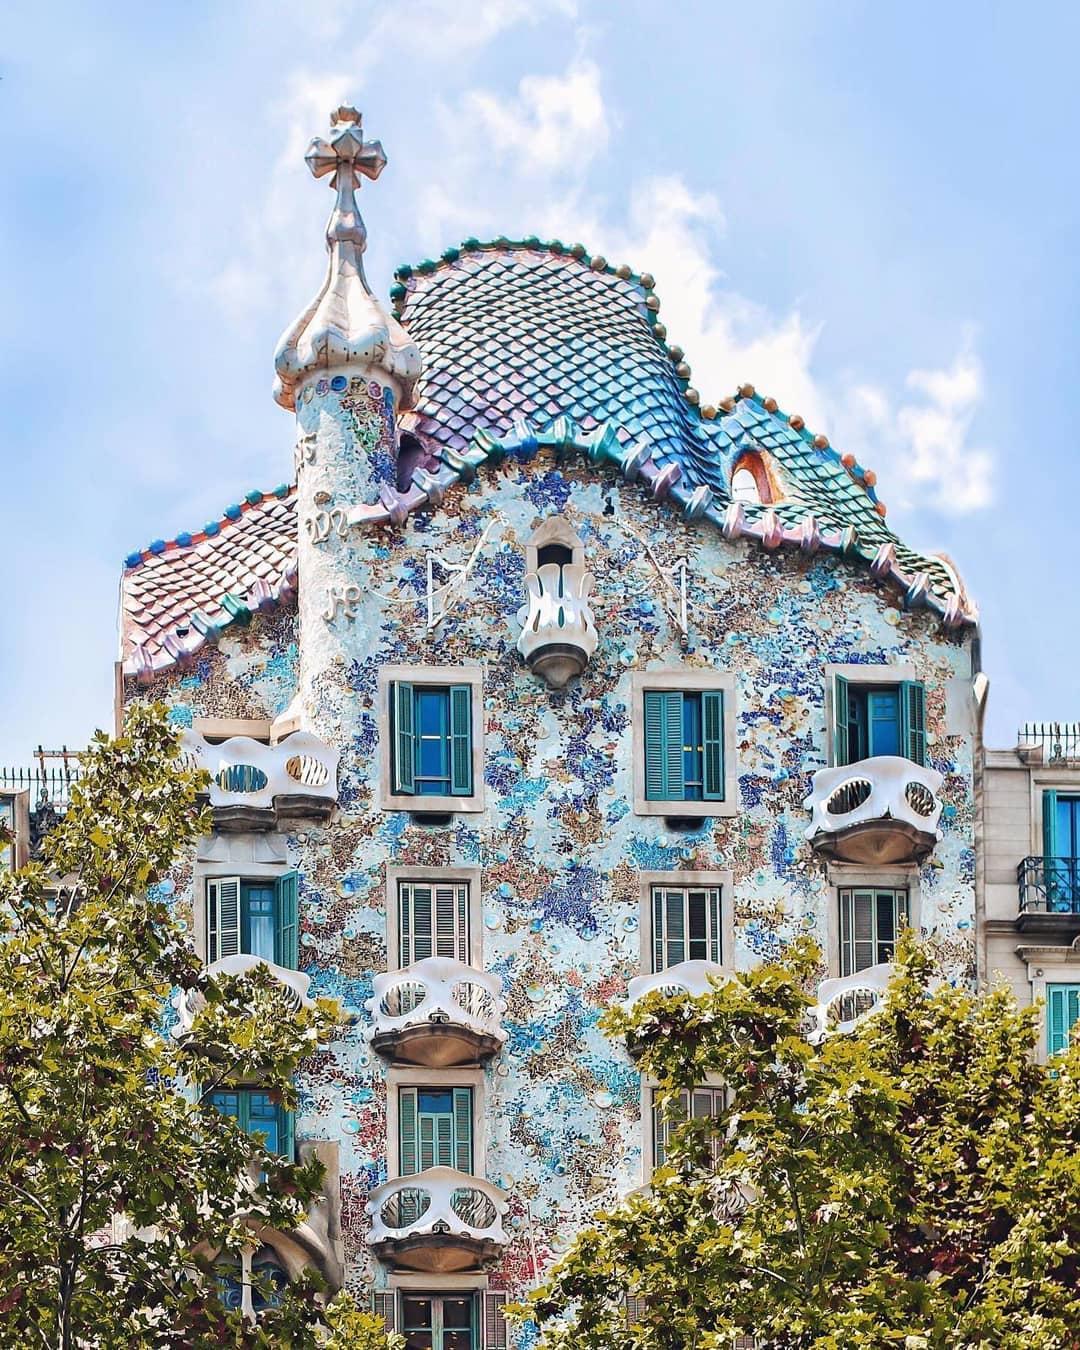 Exterior of casa batllo Barcelona